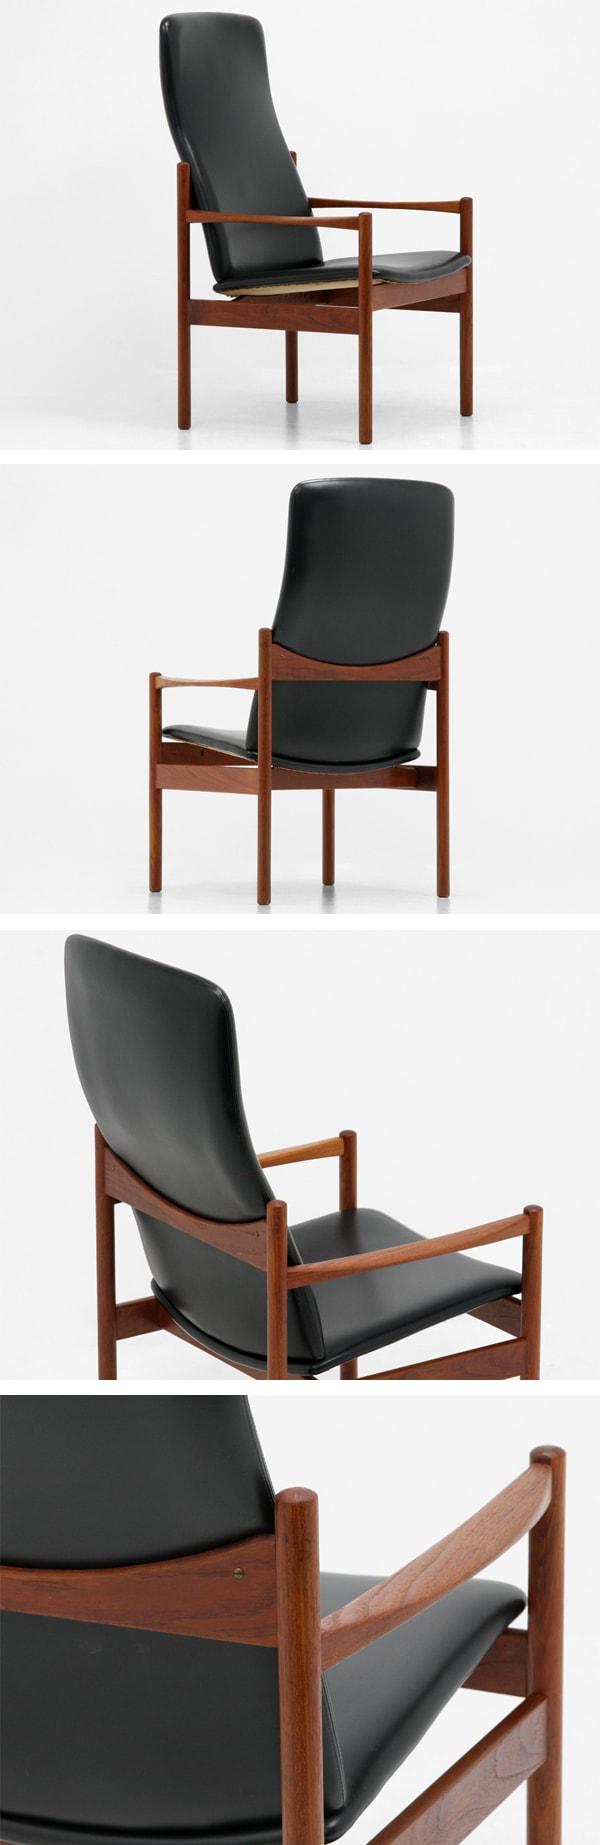 北欧家具,ビンテージ,ハイバックチェア,チーク材,黒,デンマーク